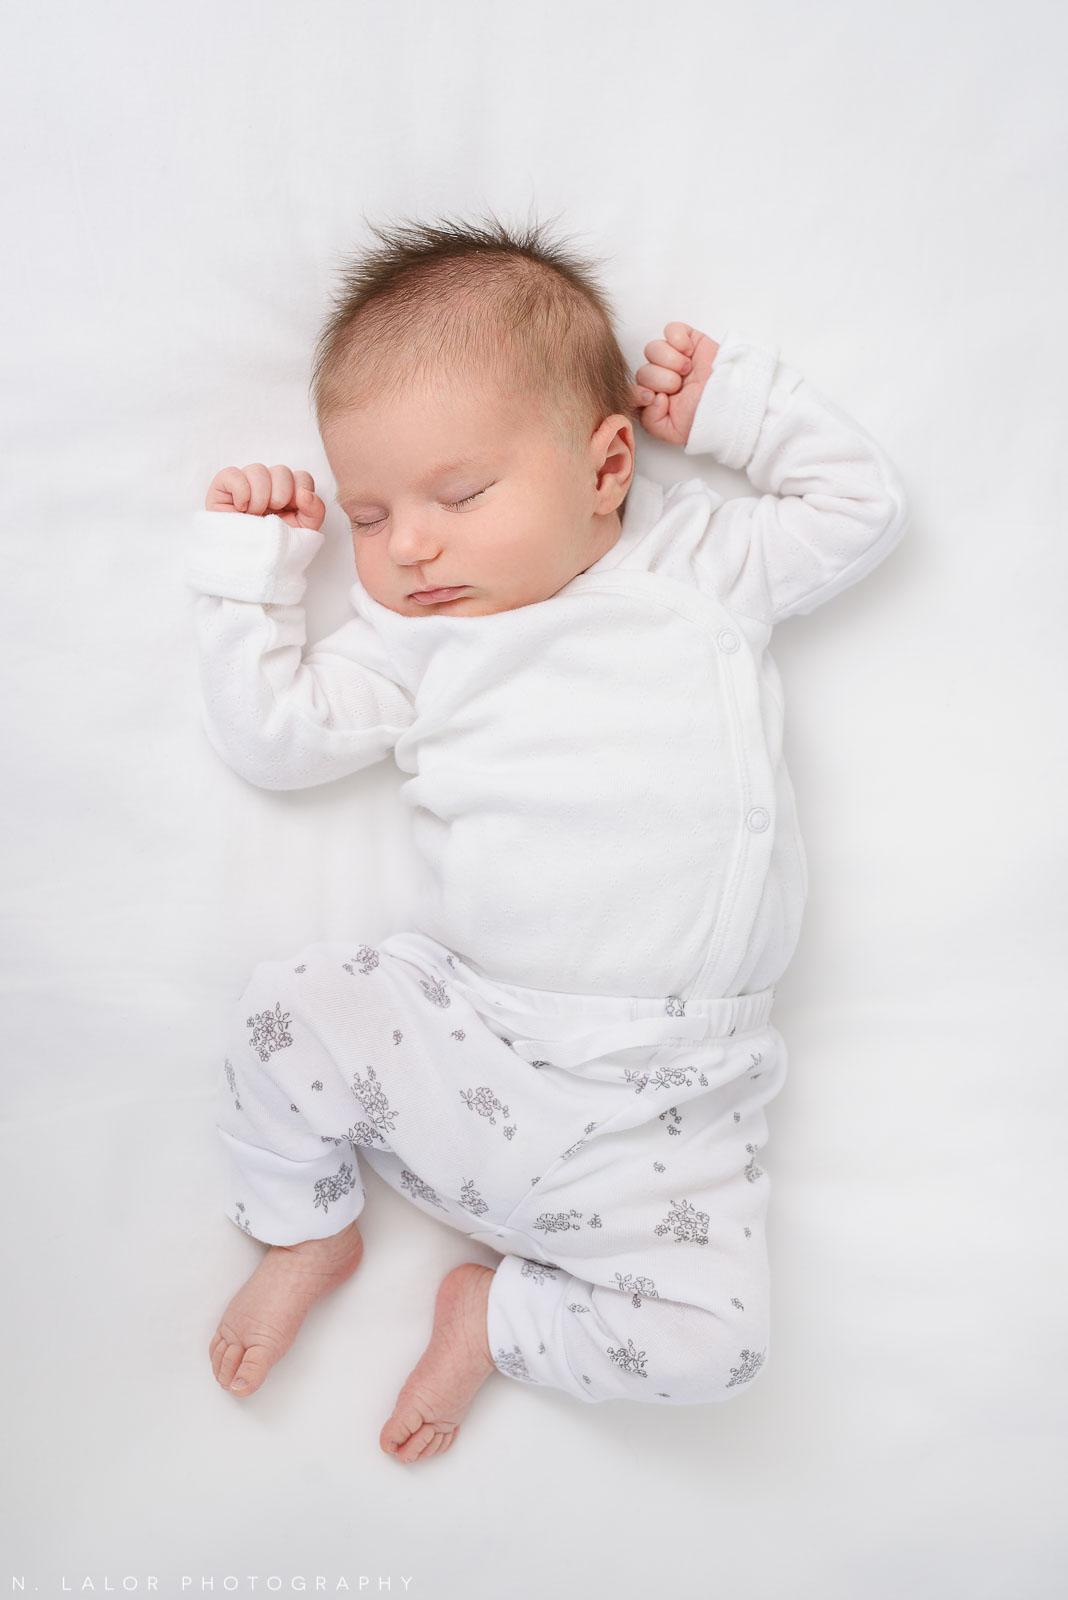 02-newborn-baby-portrait-greenwich-ct.jpg